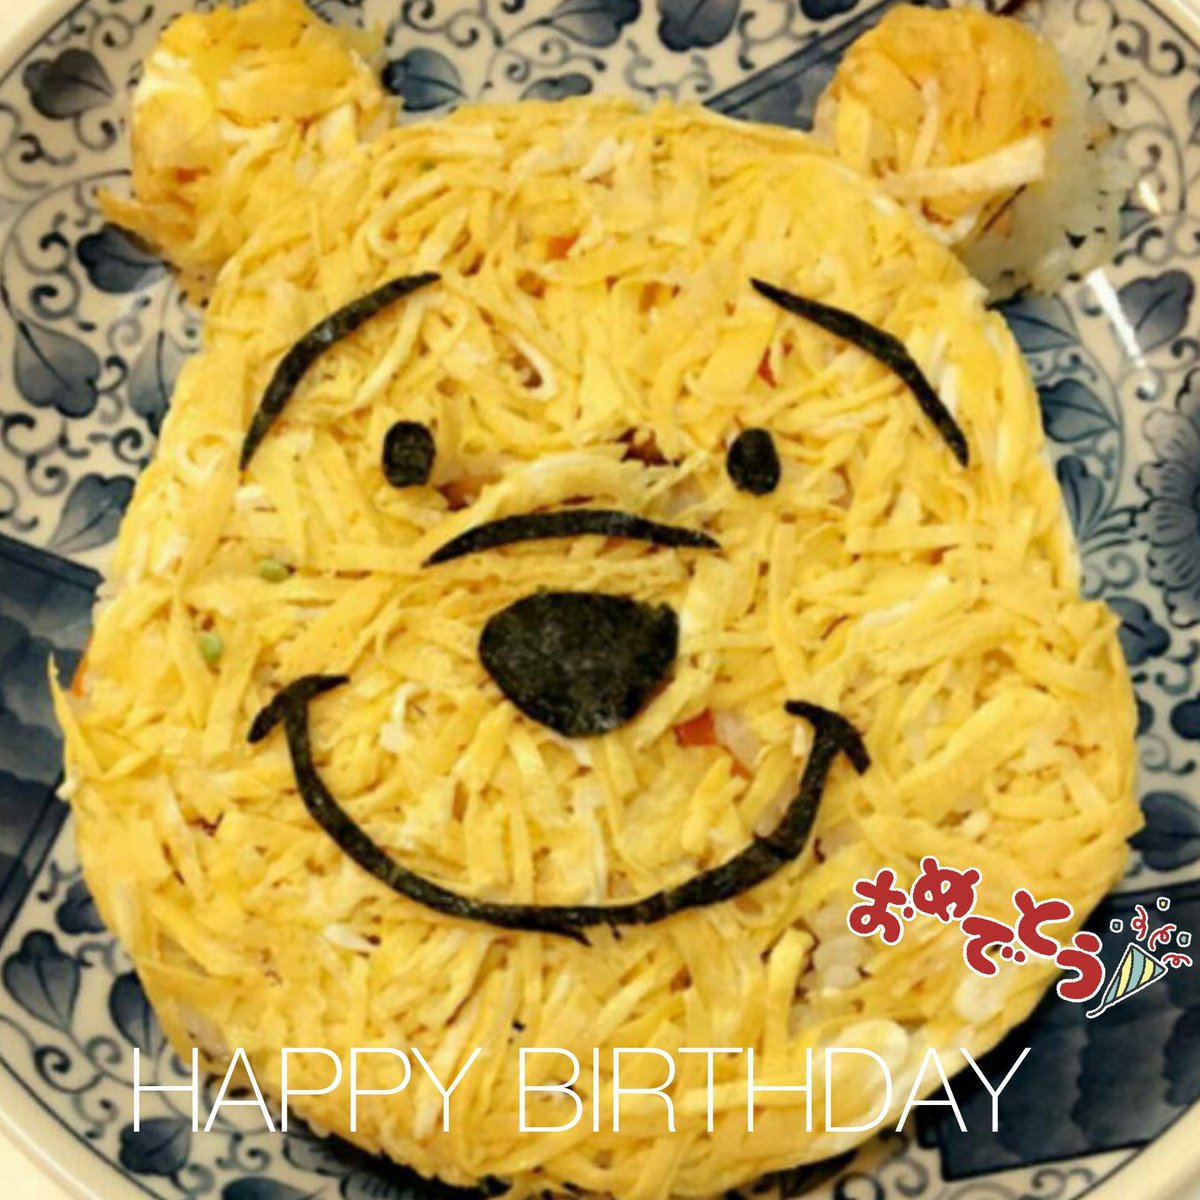 カナブン🍯's photo on #happybirthdayyuzuru